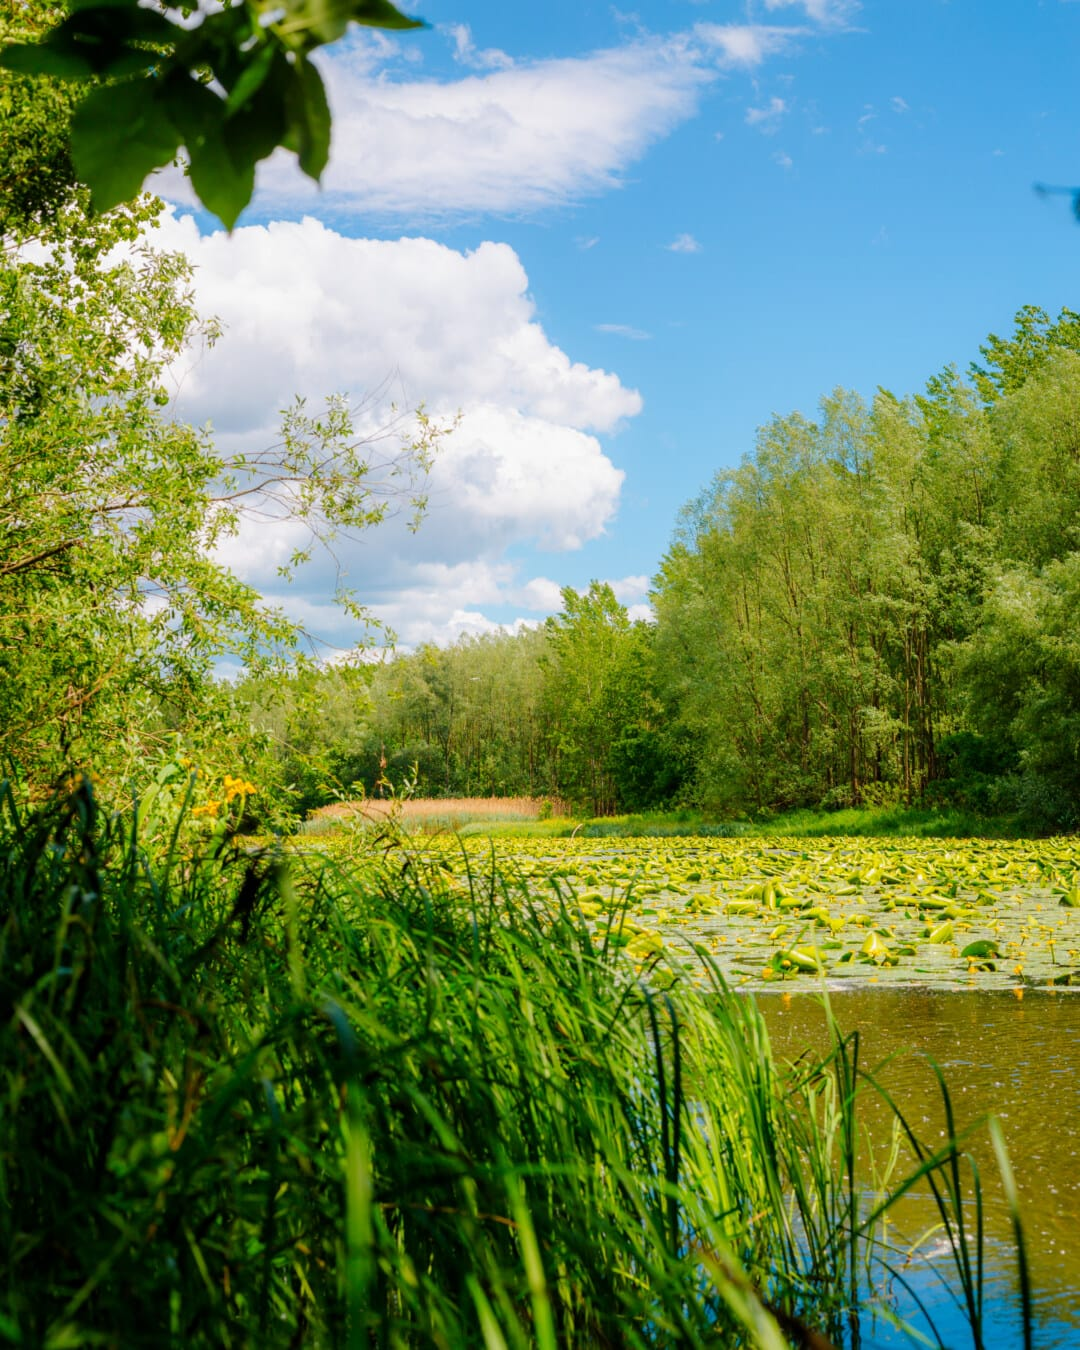 Wasserpflanze, Sumpf, Marschland, aquatische, Natur, idyllisch, majestätisch, Ökosystem, Feld, Korn